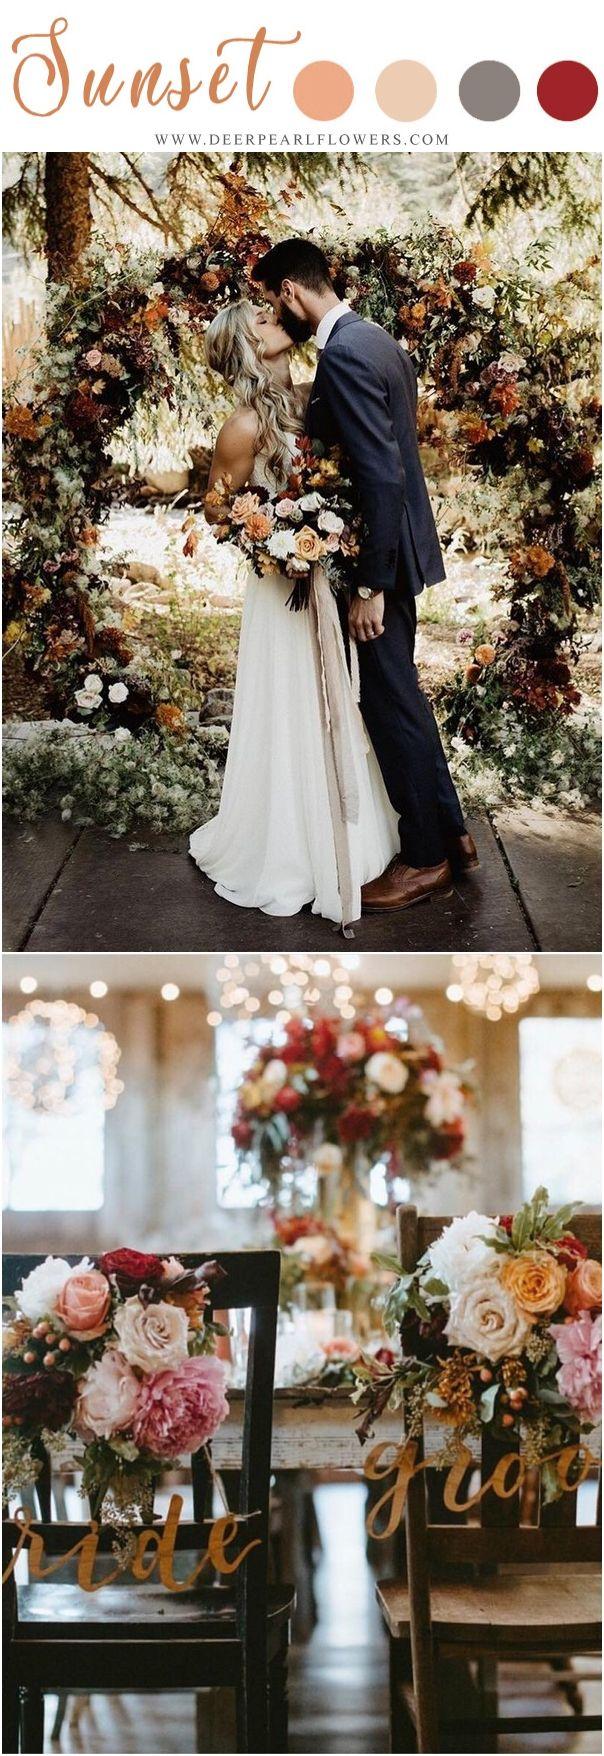 Sunset Orange Fall Wedding Color Ideas Fall Wedding Decor Ideas Weddings Weddingideas Weddingcolo Orange Wedding Colors Fall Wedding Colors Wedding Colors